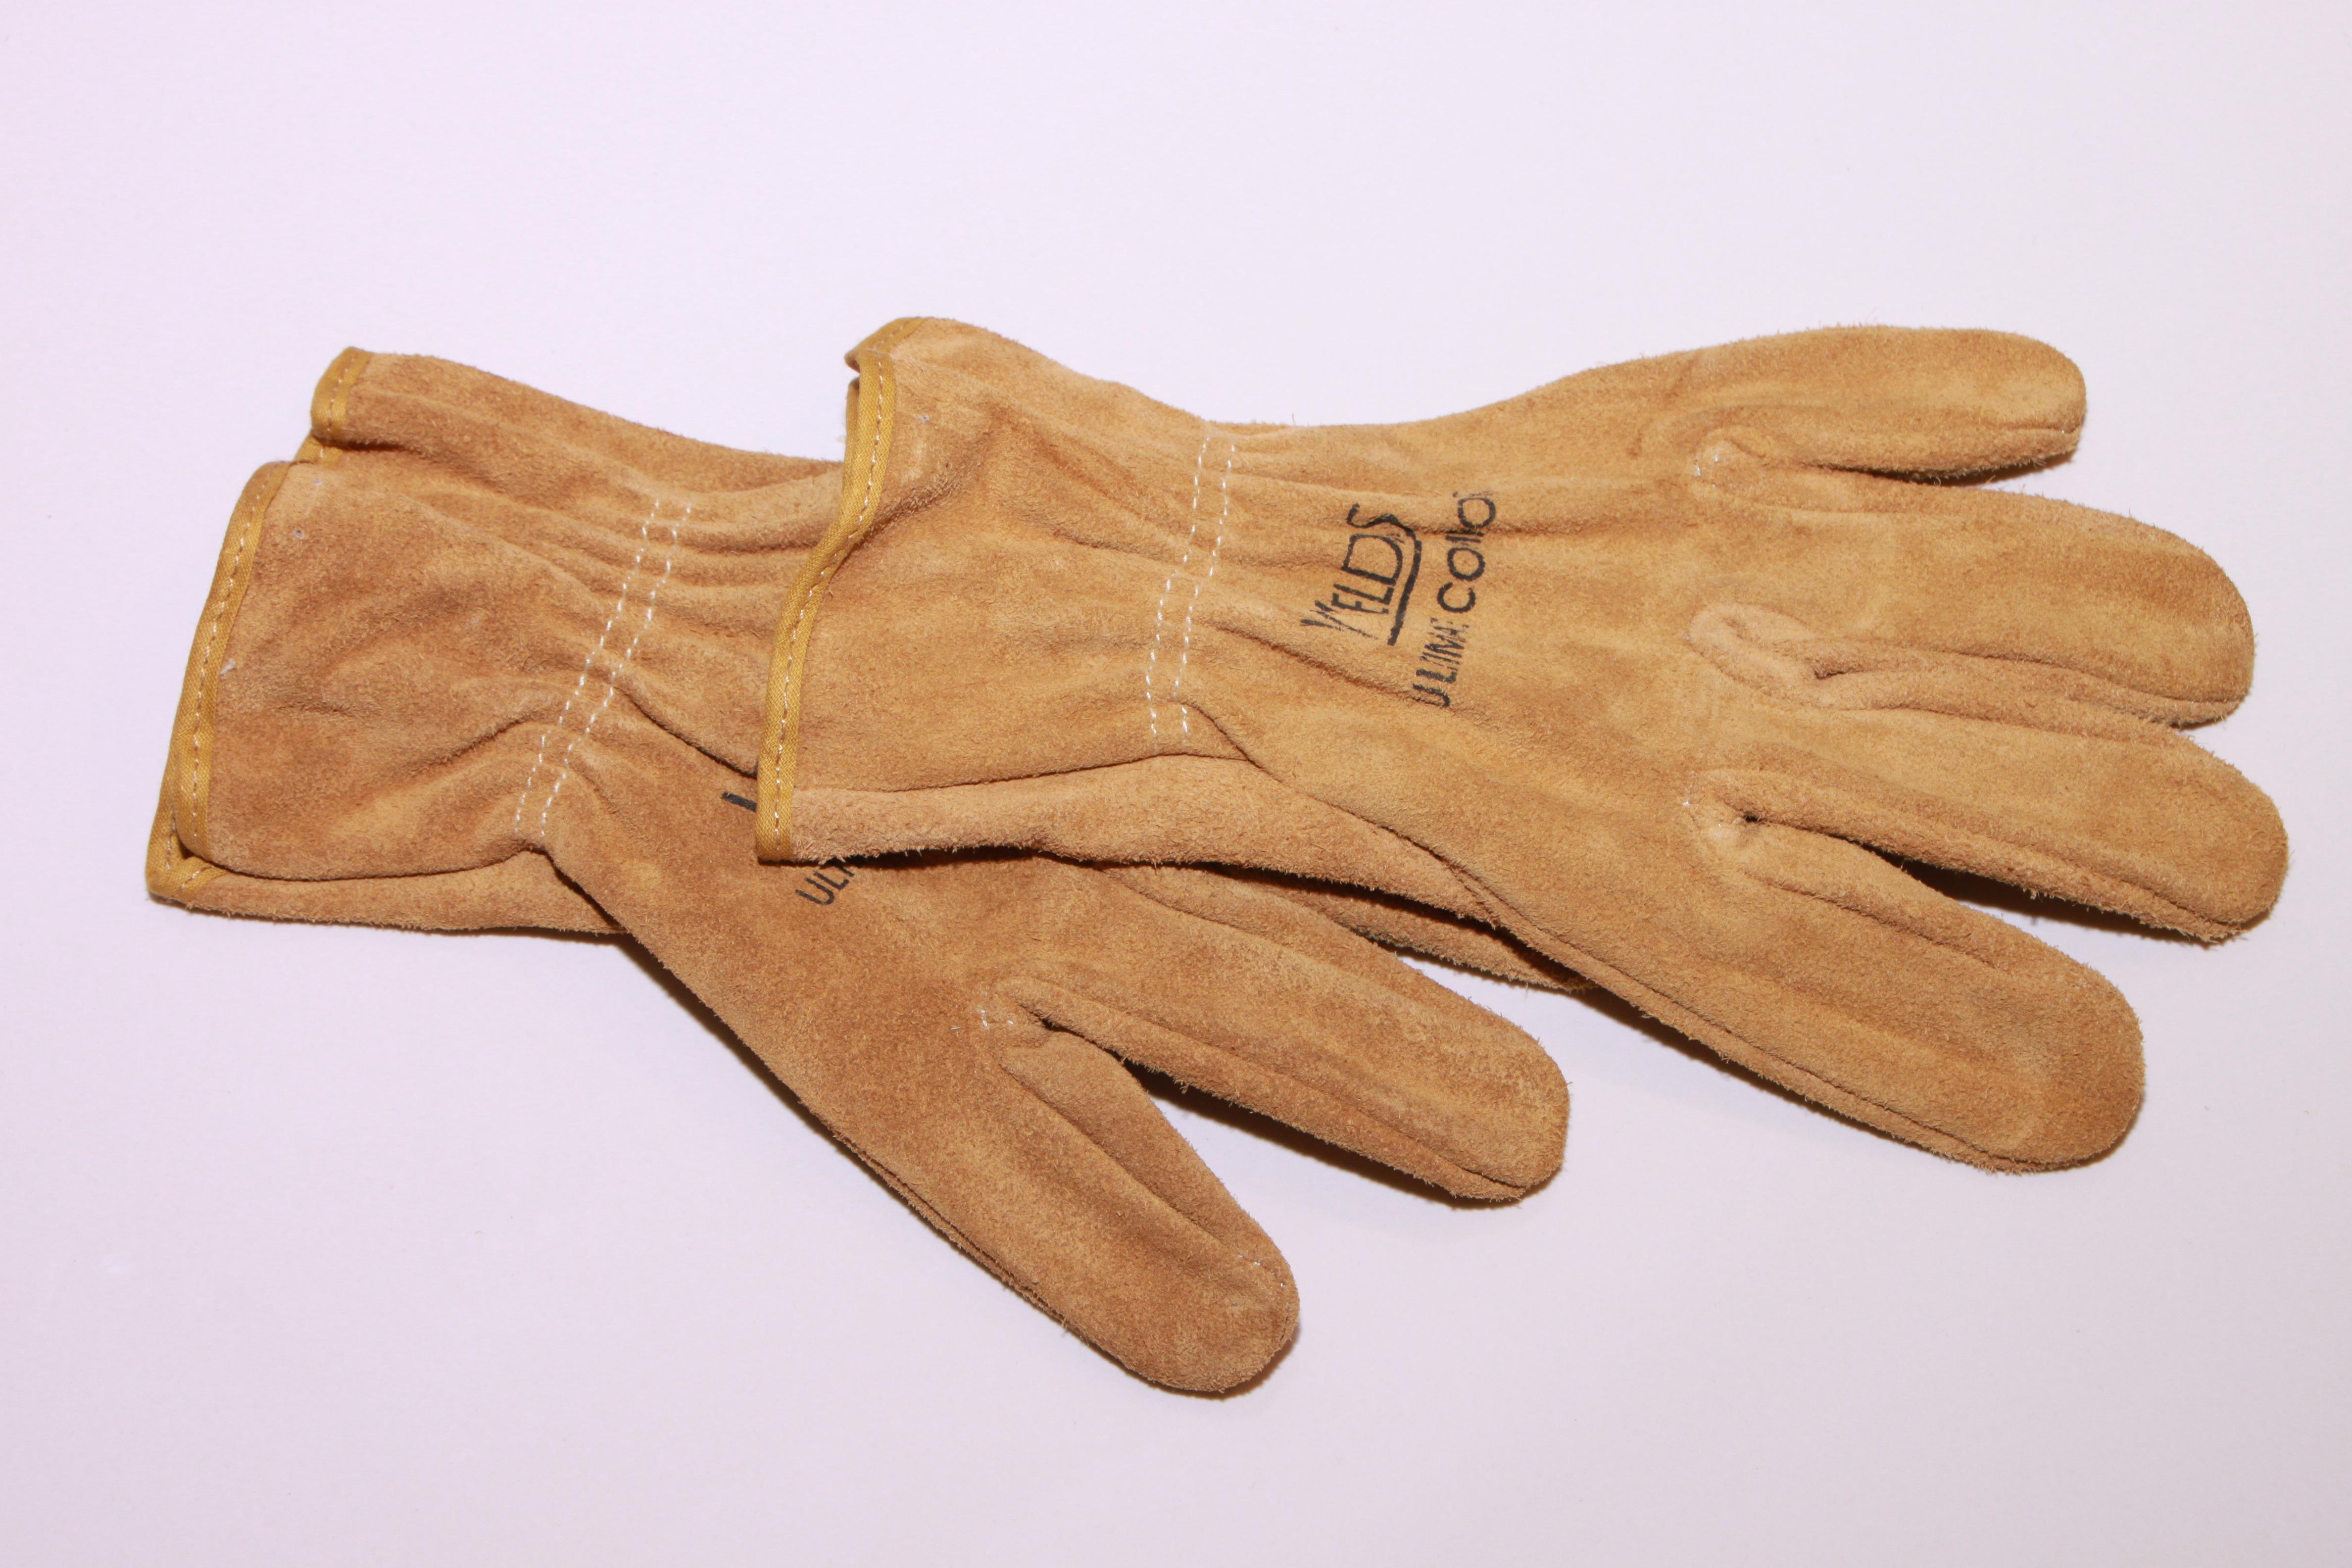 kerja tangan kayu sarung tangan kulit jari keamanan montir sarung tangan industri rasa fashion aksesori